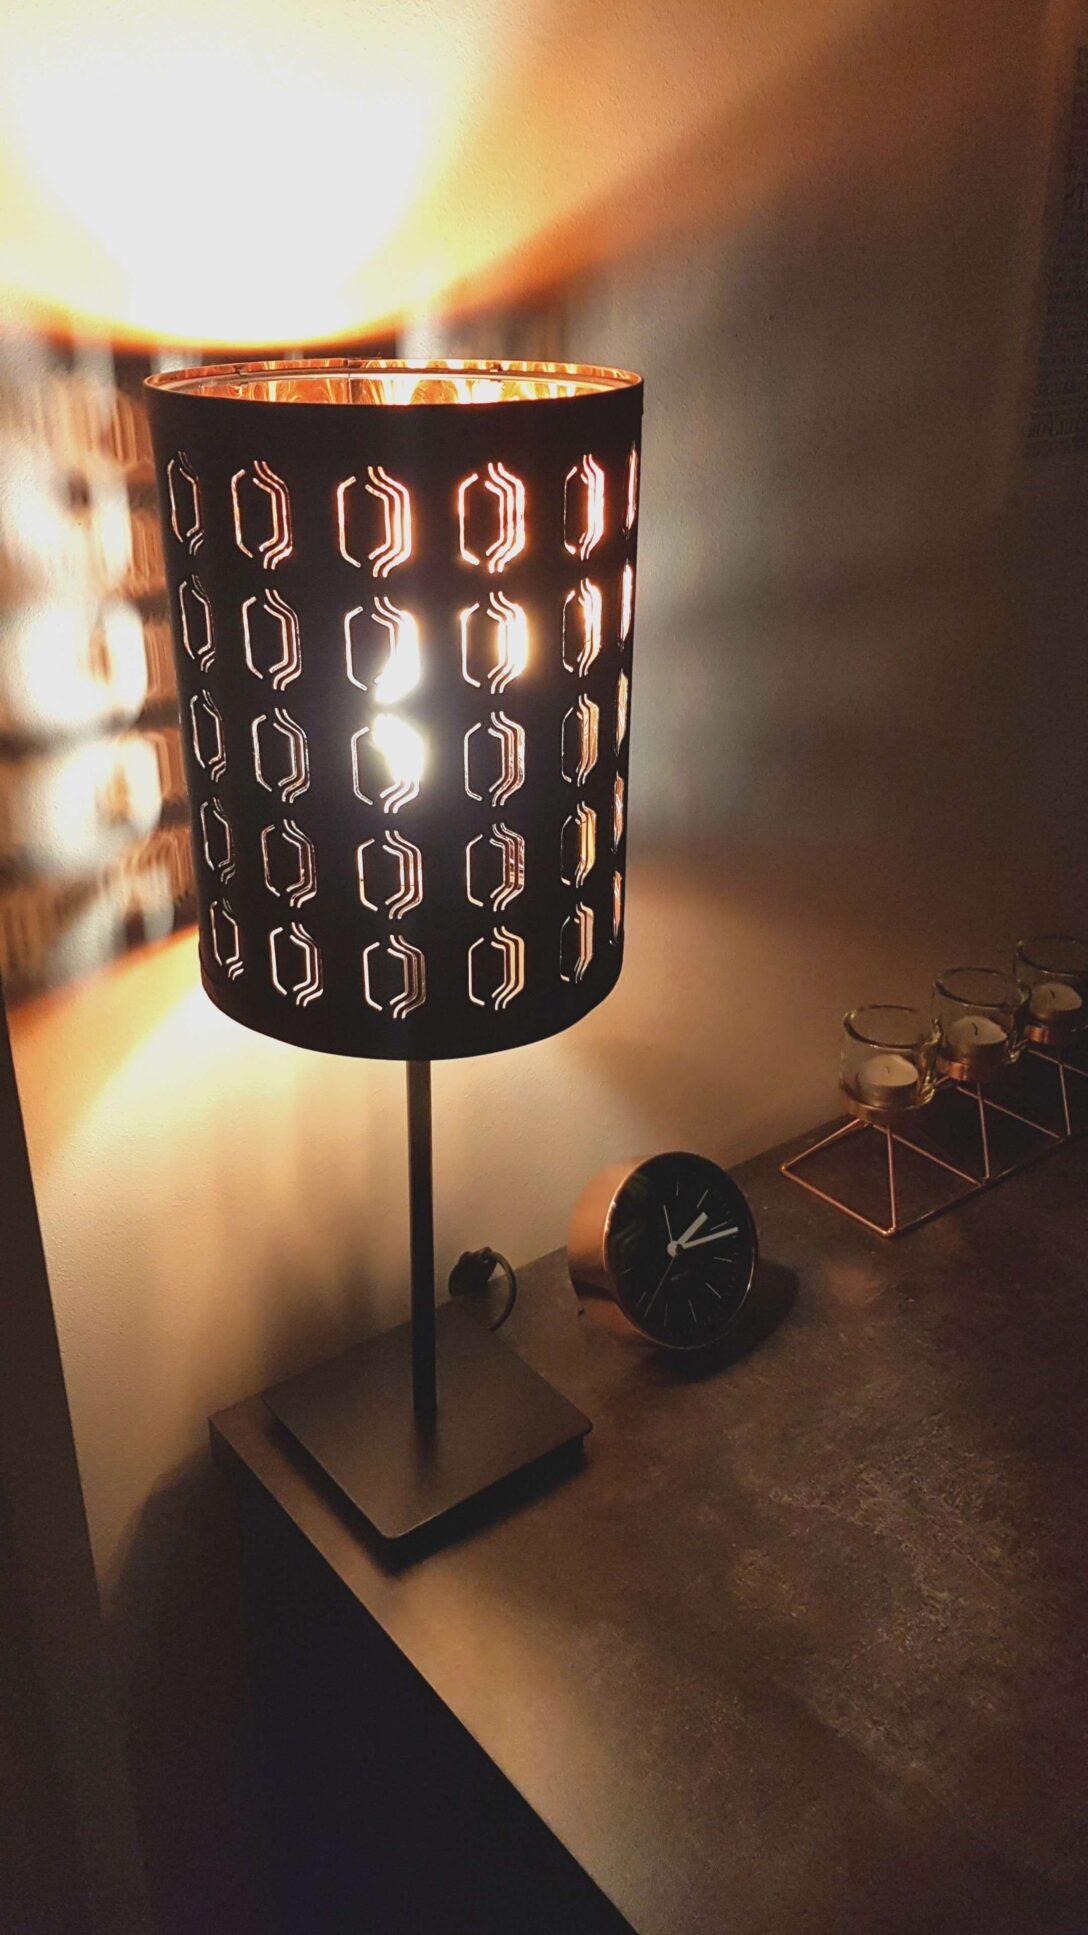 Large Size of Ikea Wohnzimmer Lampe Lampenschirm Lampen Leuchten Stehlampe Inspirierend 32 Bad Moderne Deckenleuchte Hängeschrank Weiß Hochglanz Vitrine Tapeten Ideen Wohnzimmer Ikea Wohnzimmer Lampe